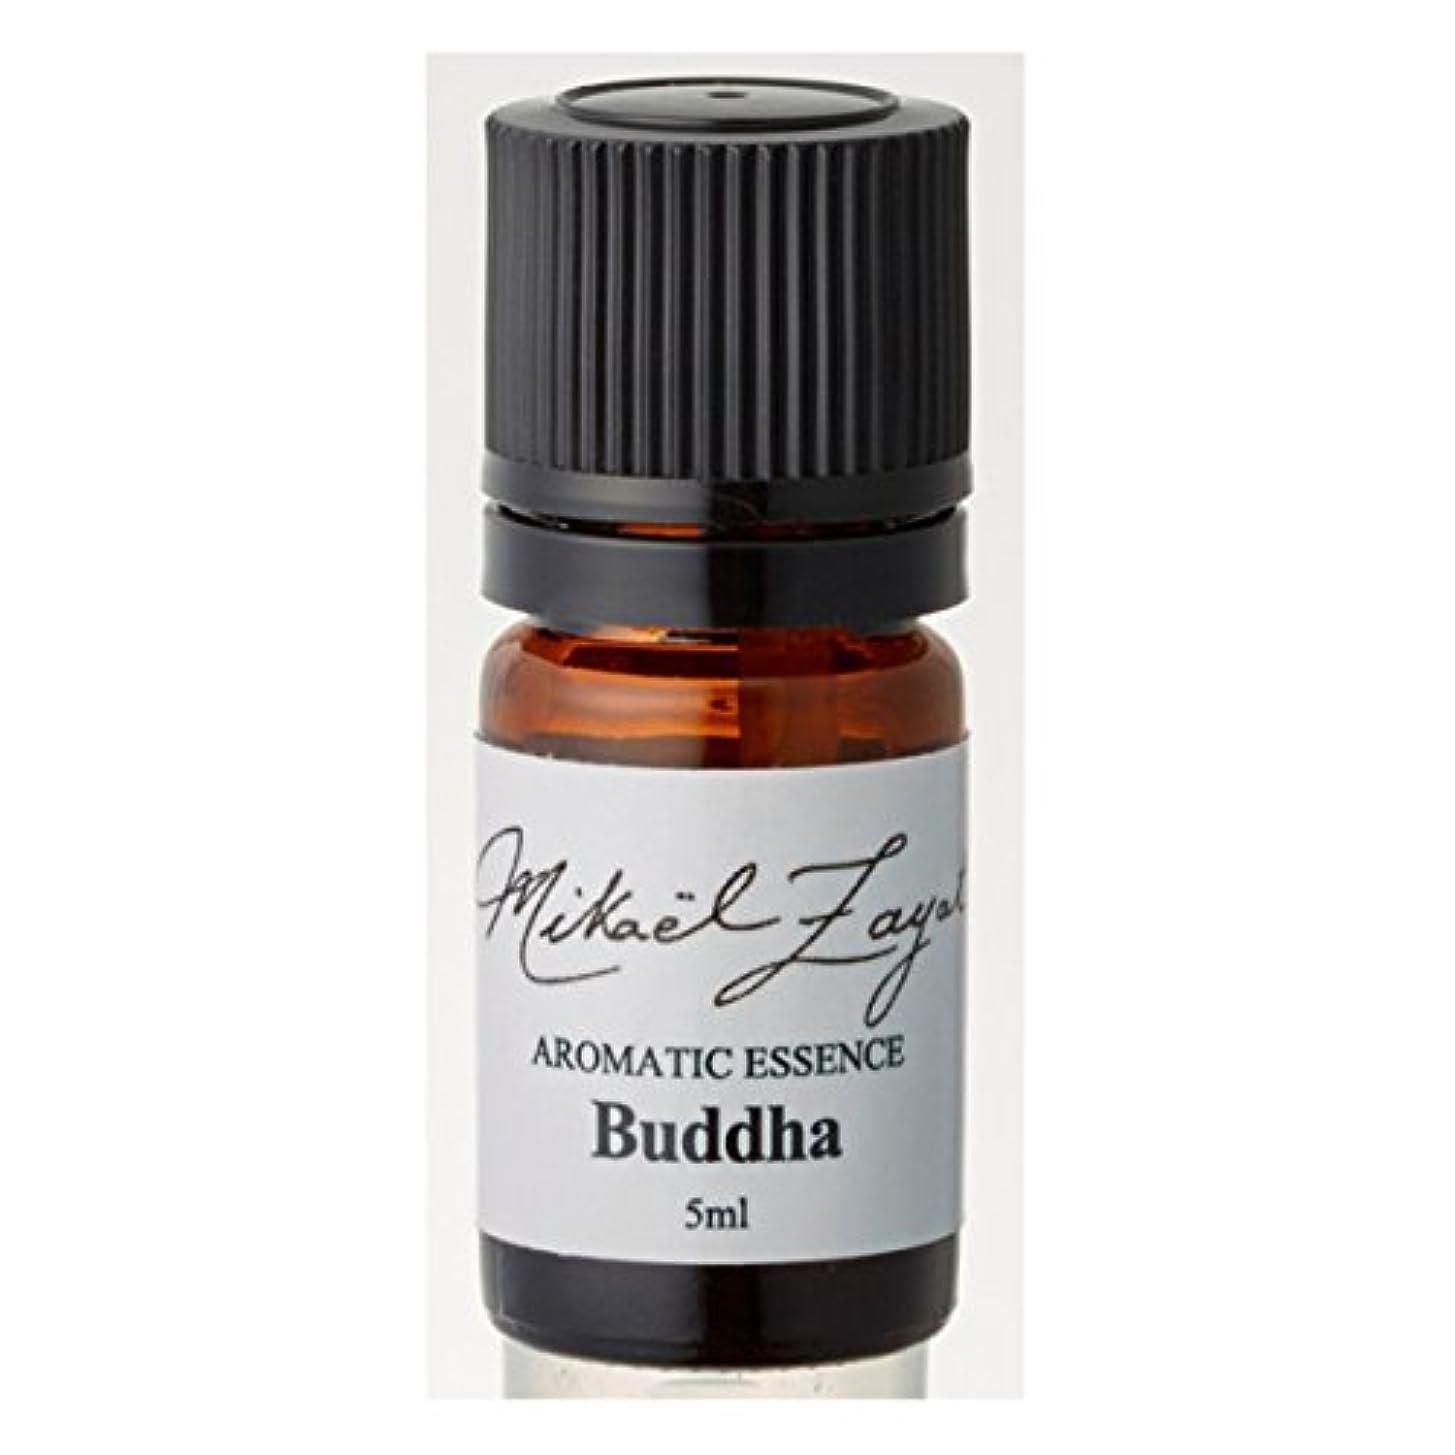 良さディレクトリ全員ミカエルザヤット ブッダ 5ml Buddha 5ml/ Mikael Zayat hand made blend